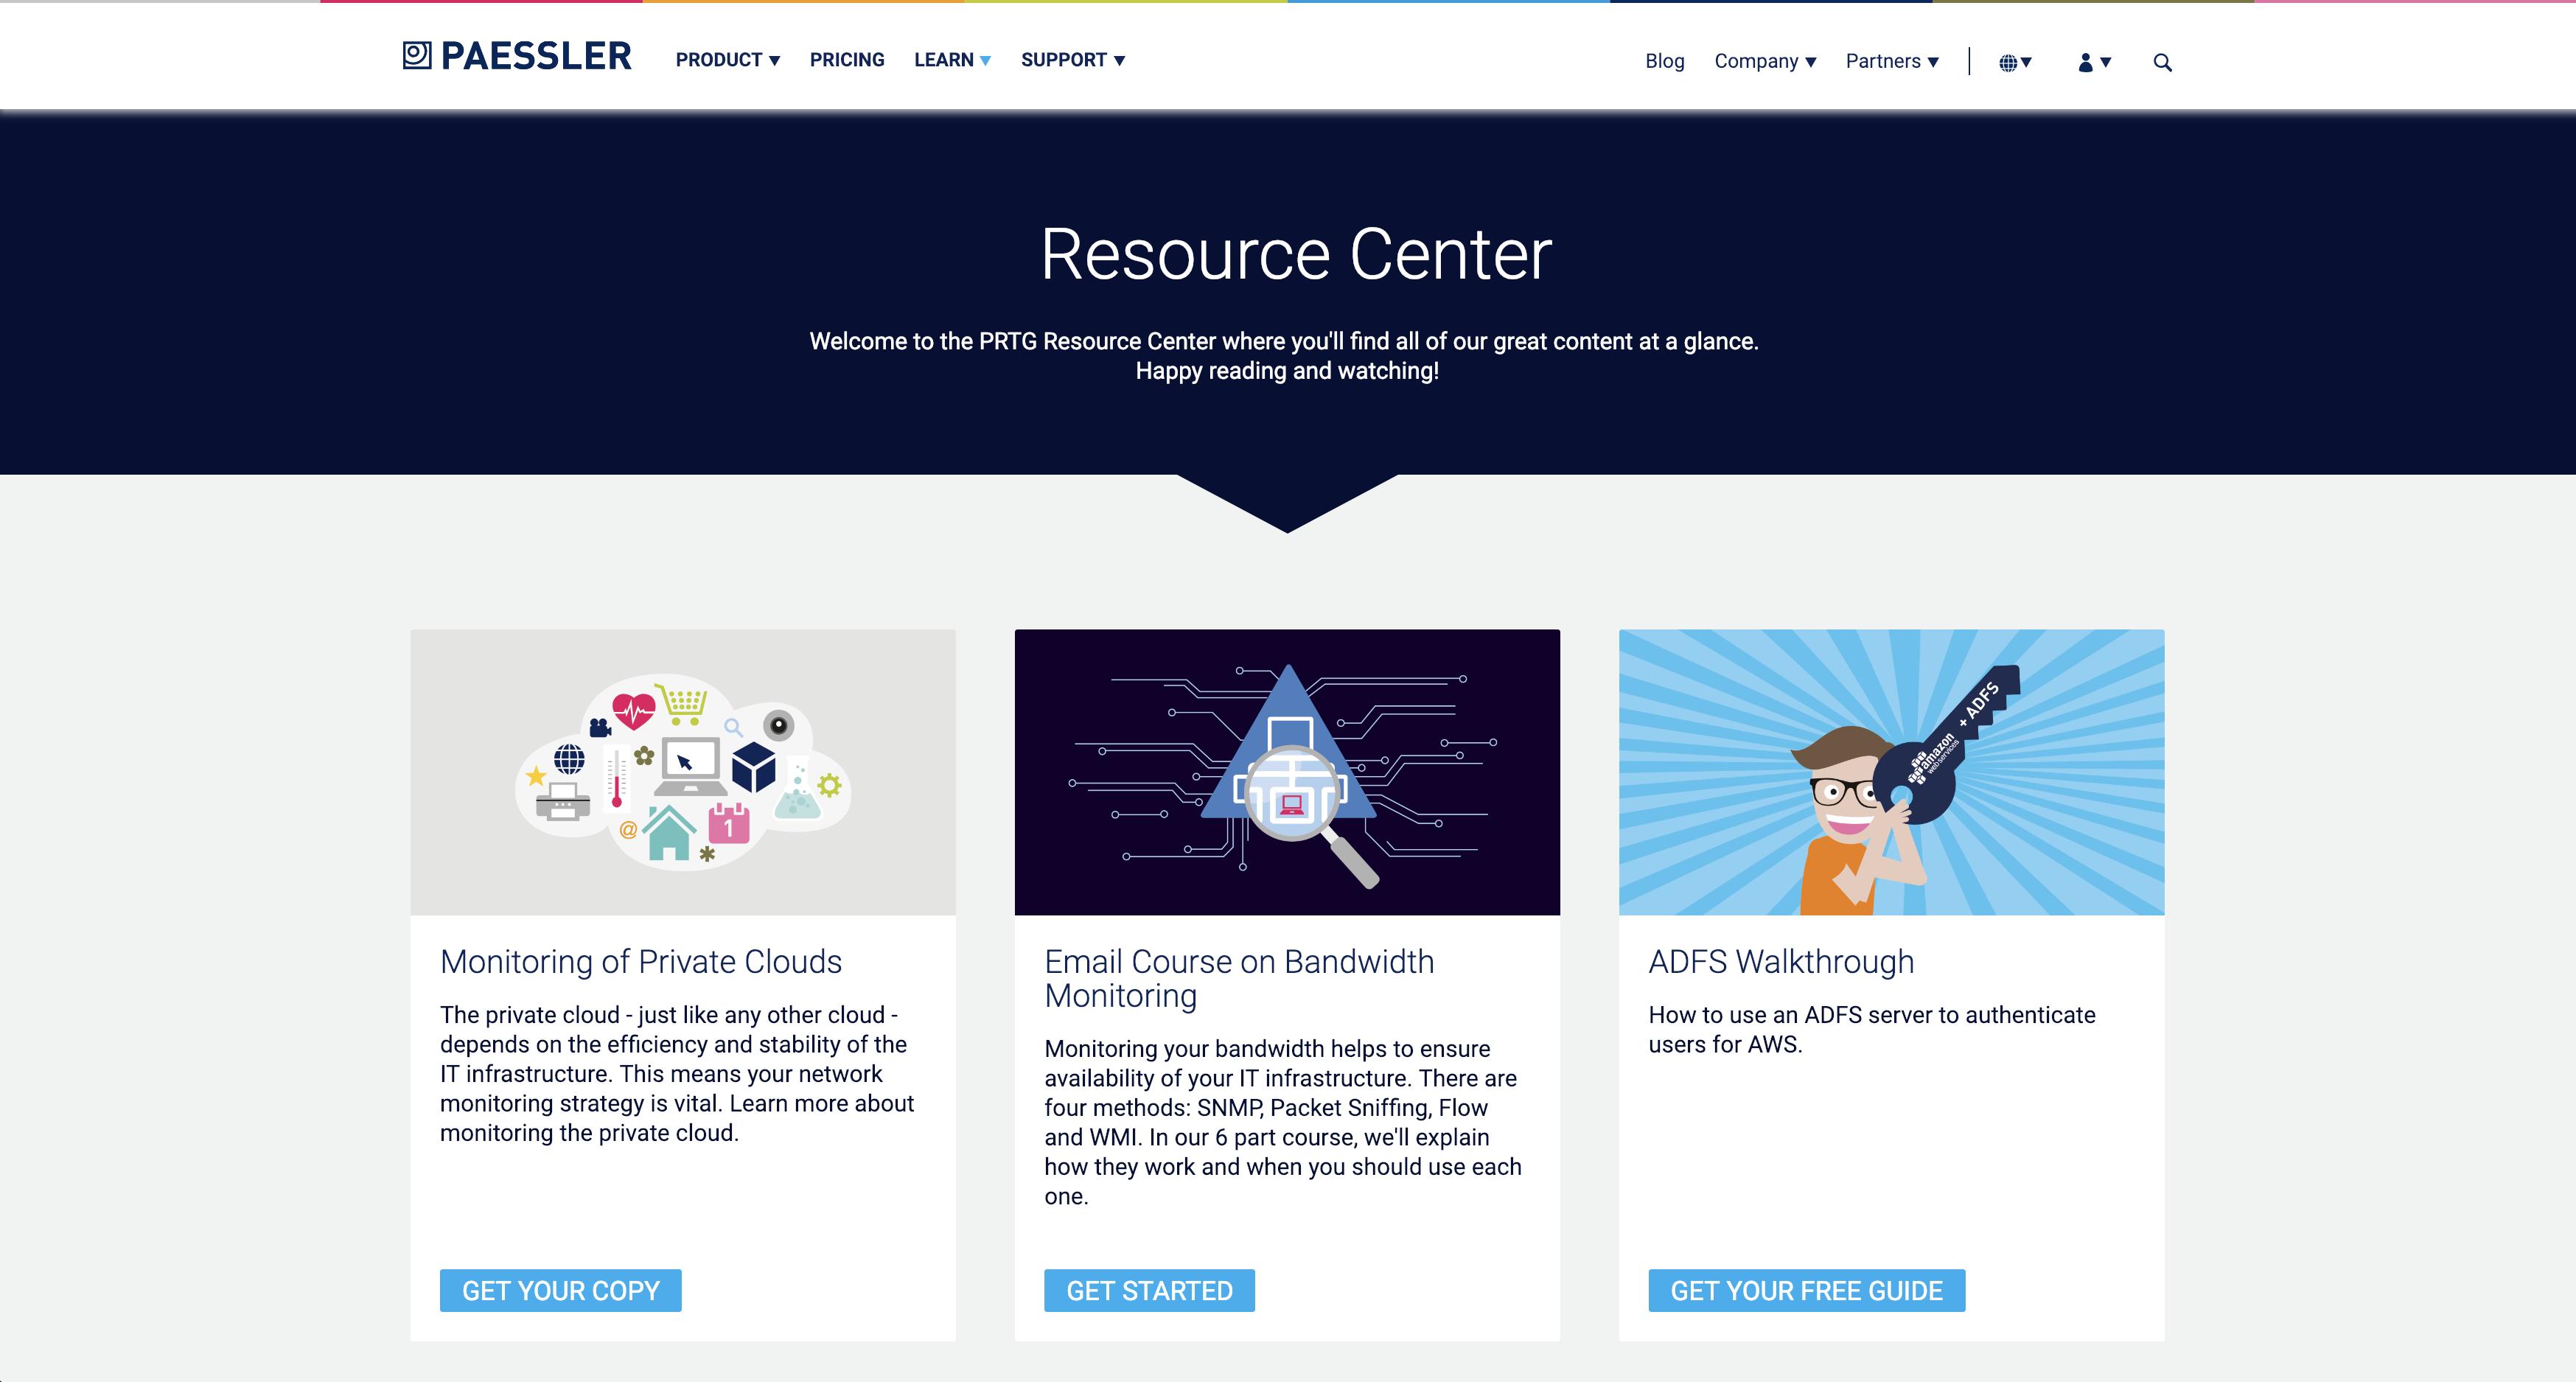 Das PRTG Resource Center